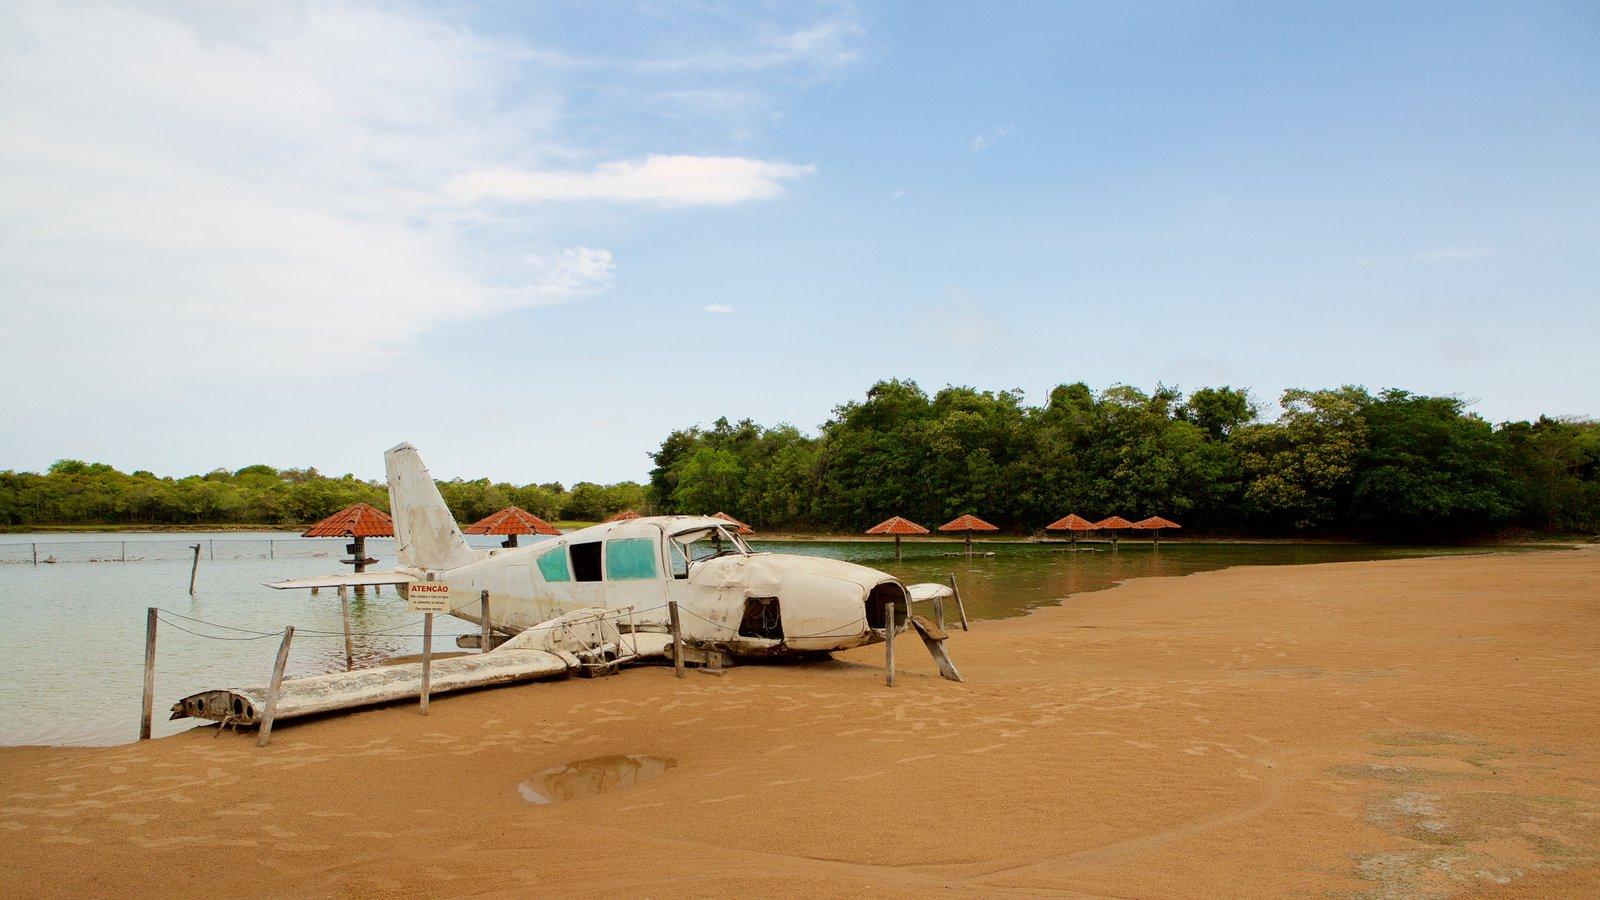 Praia da Figueira mostrando paisagens litorâneas, aeronave e uma praia de areia